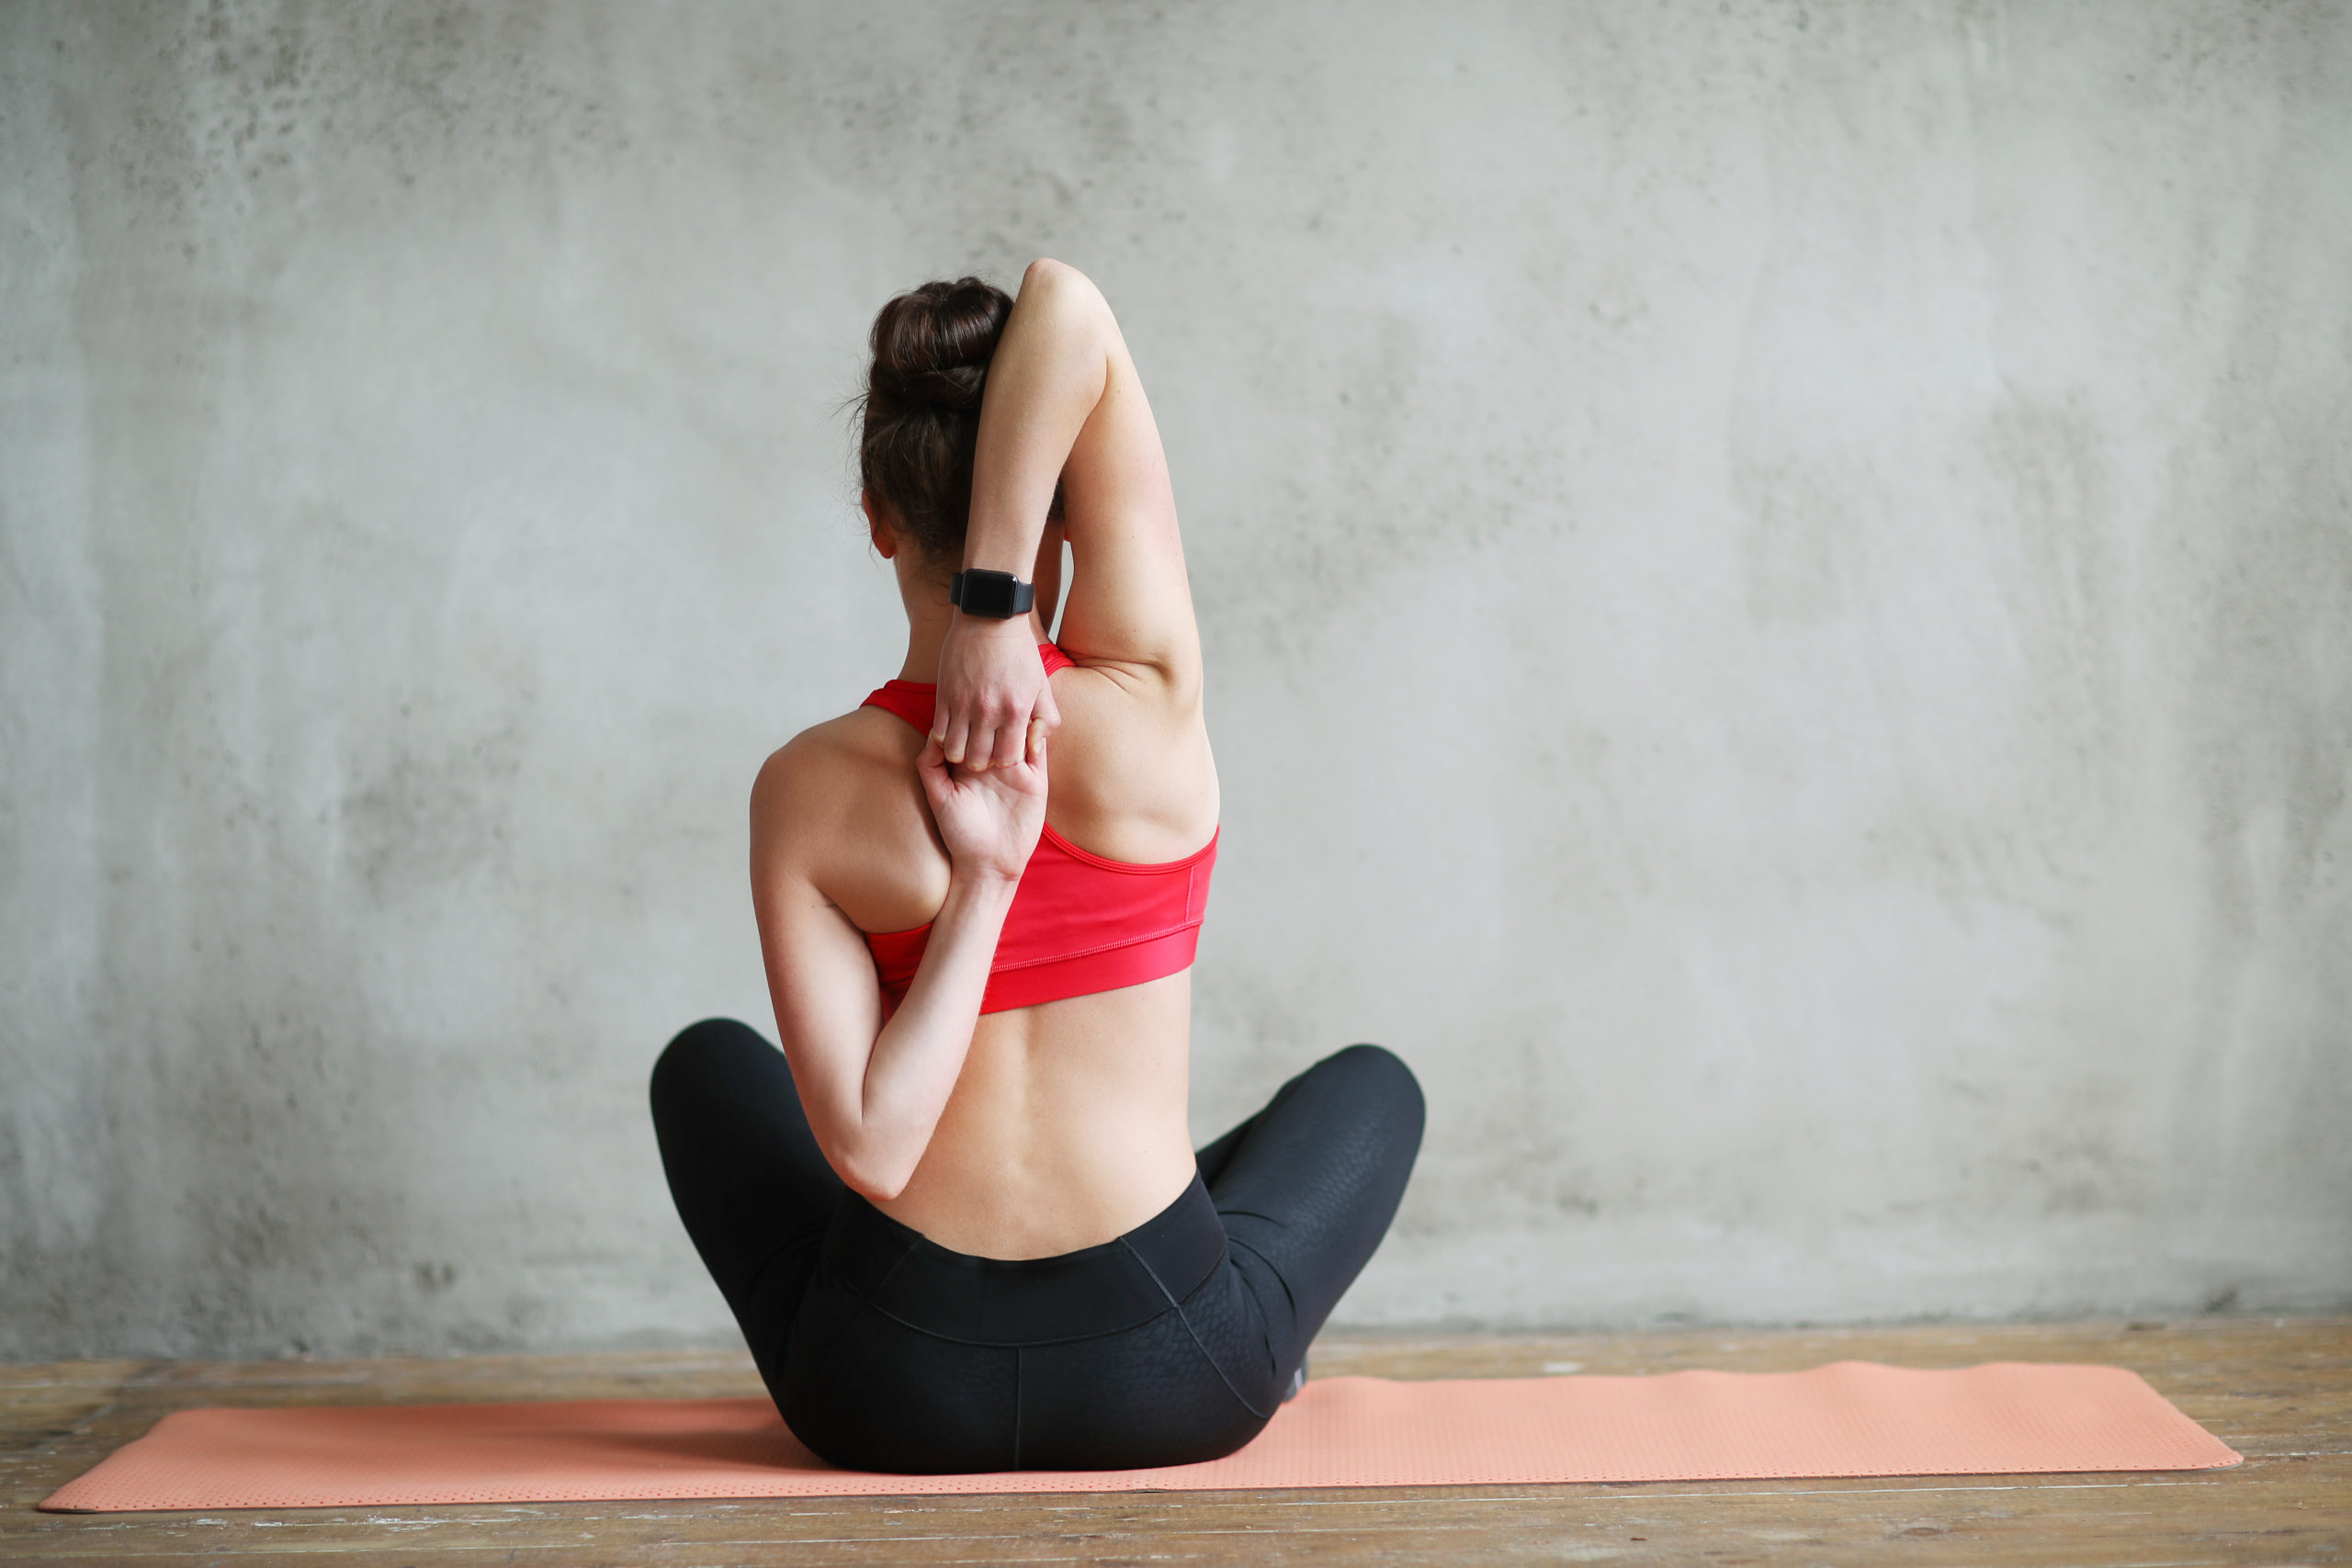 mujer-practicando-ejercicio